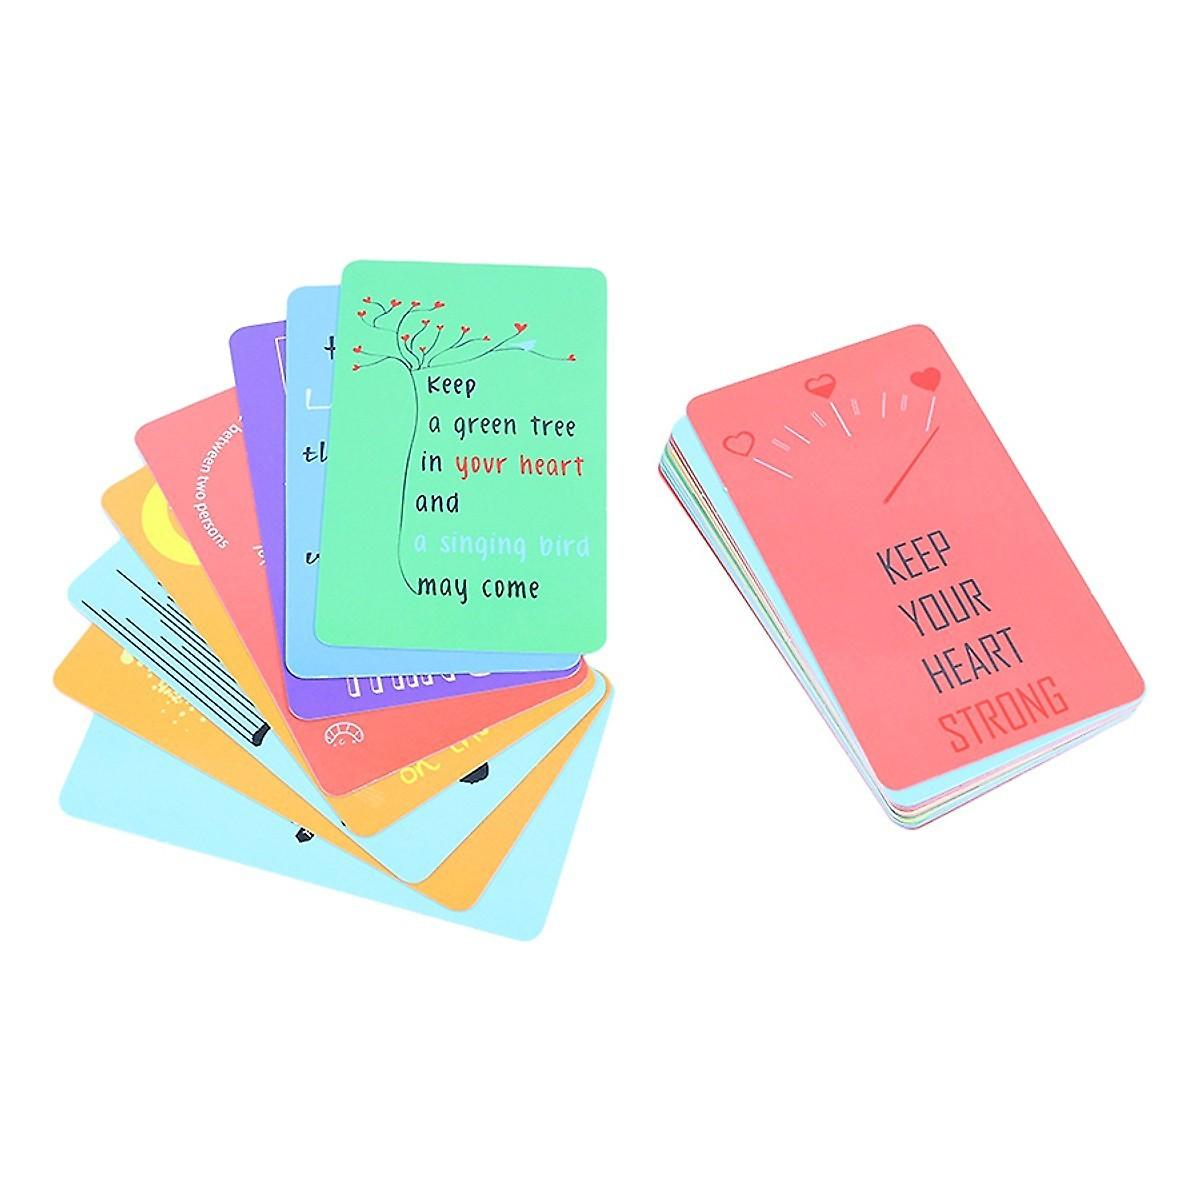 Combo Sách Kỹ Năng: Đắc Nhân Tâm + Đọc Vị Bất Kỳ Ai + Quẳng Gánh Lo Đi Và Vui Sống + Tuổi Trẻ Đáng Giá Bao Nhiêu? + Nhà Giả Kim (Top 5 Cuốn Sách Kỹ Năng Sống, Tư Duy Và Làm Việc Bán Chạy Nhất Thế Giới - Tặng Kèm Postcard Green Life)